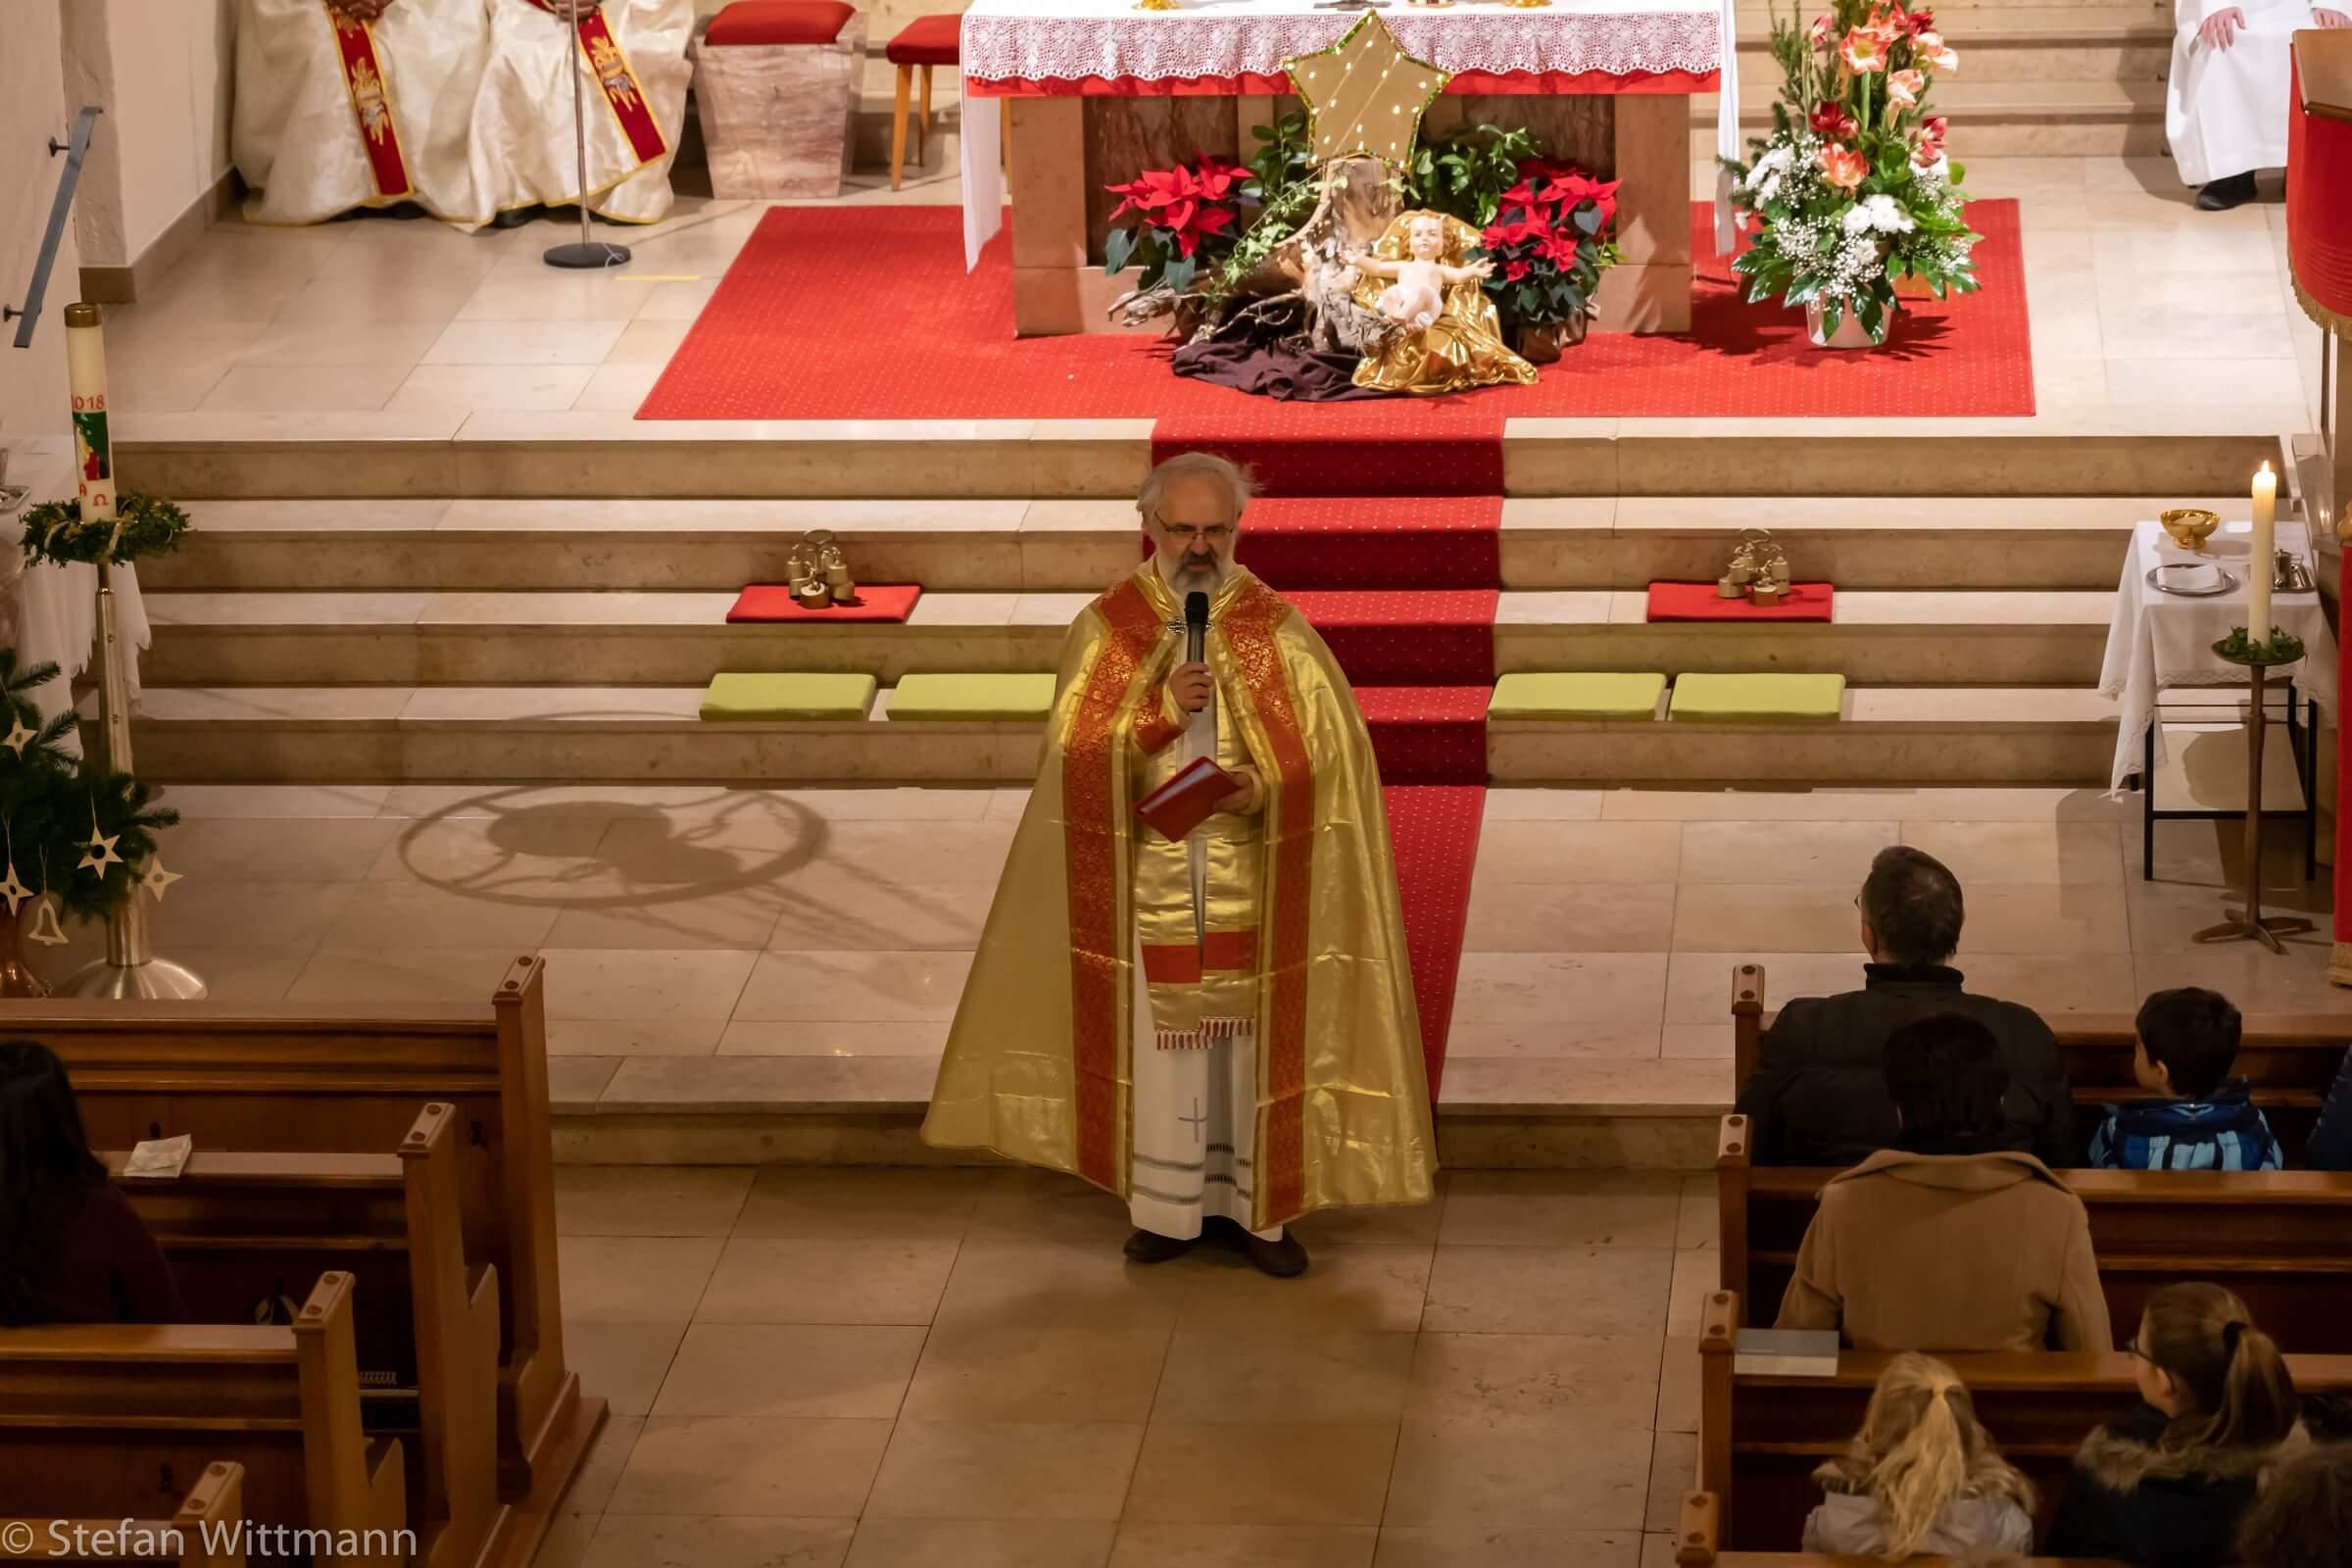 20181230-10 Jahre Priester Joseph - von Wittmann Stefan 20181230171951-DSC01880